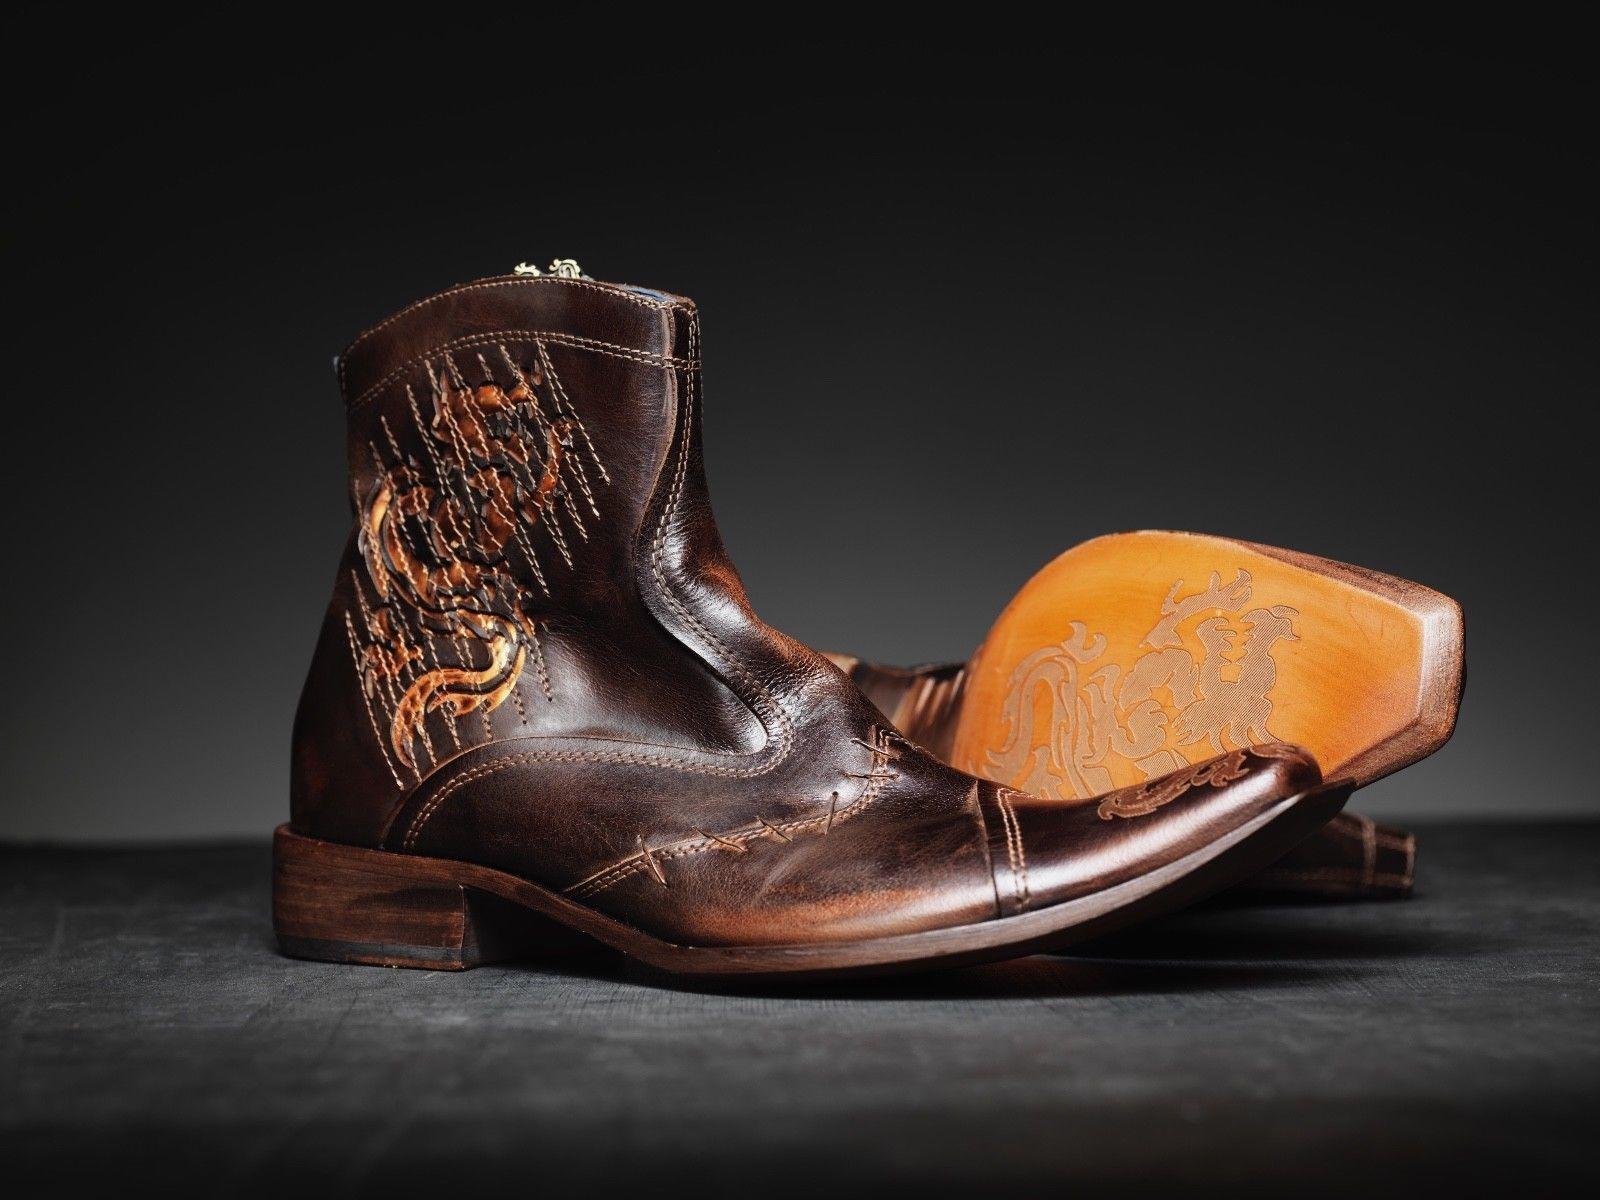 nuevo  Mark Nason TRAXX Dragon Rock botas US8 angustiado marrón ()